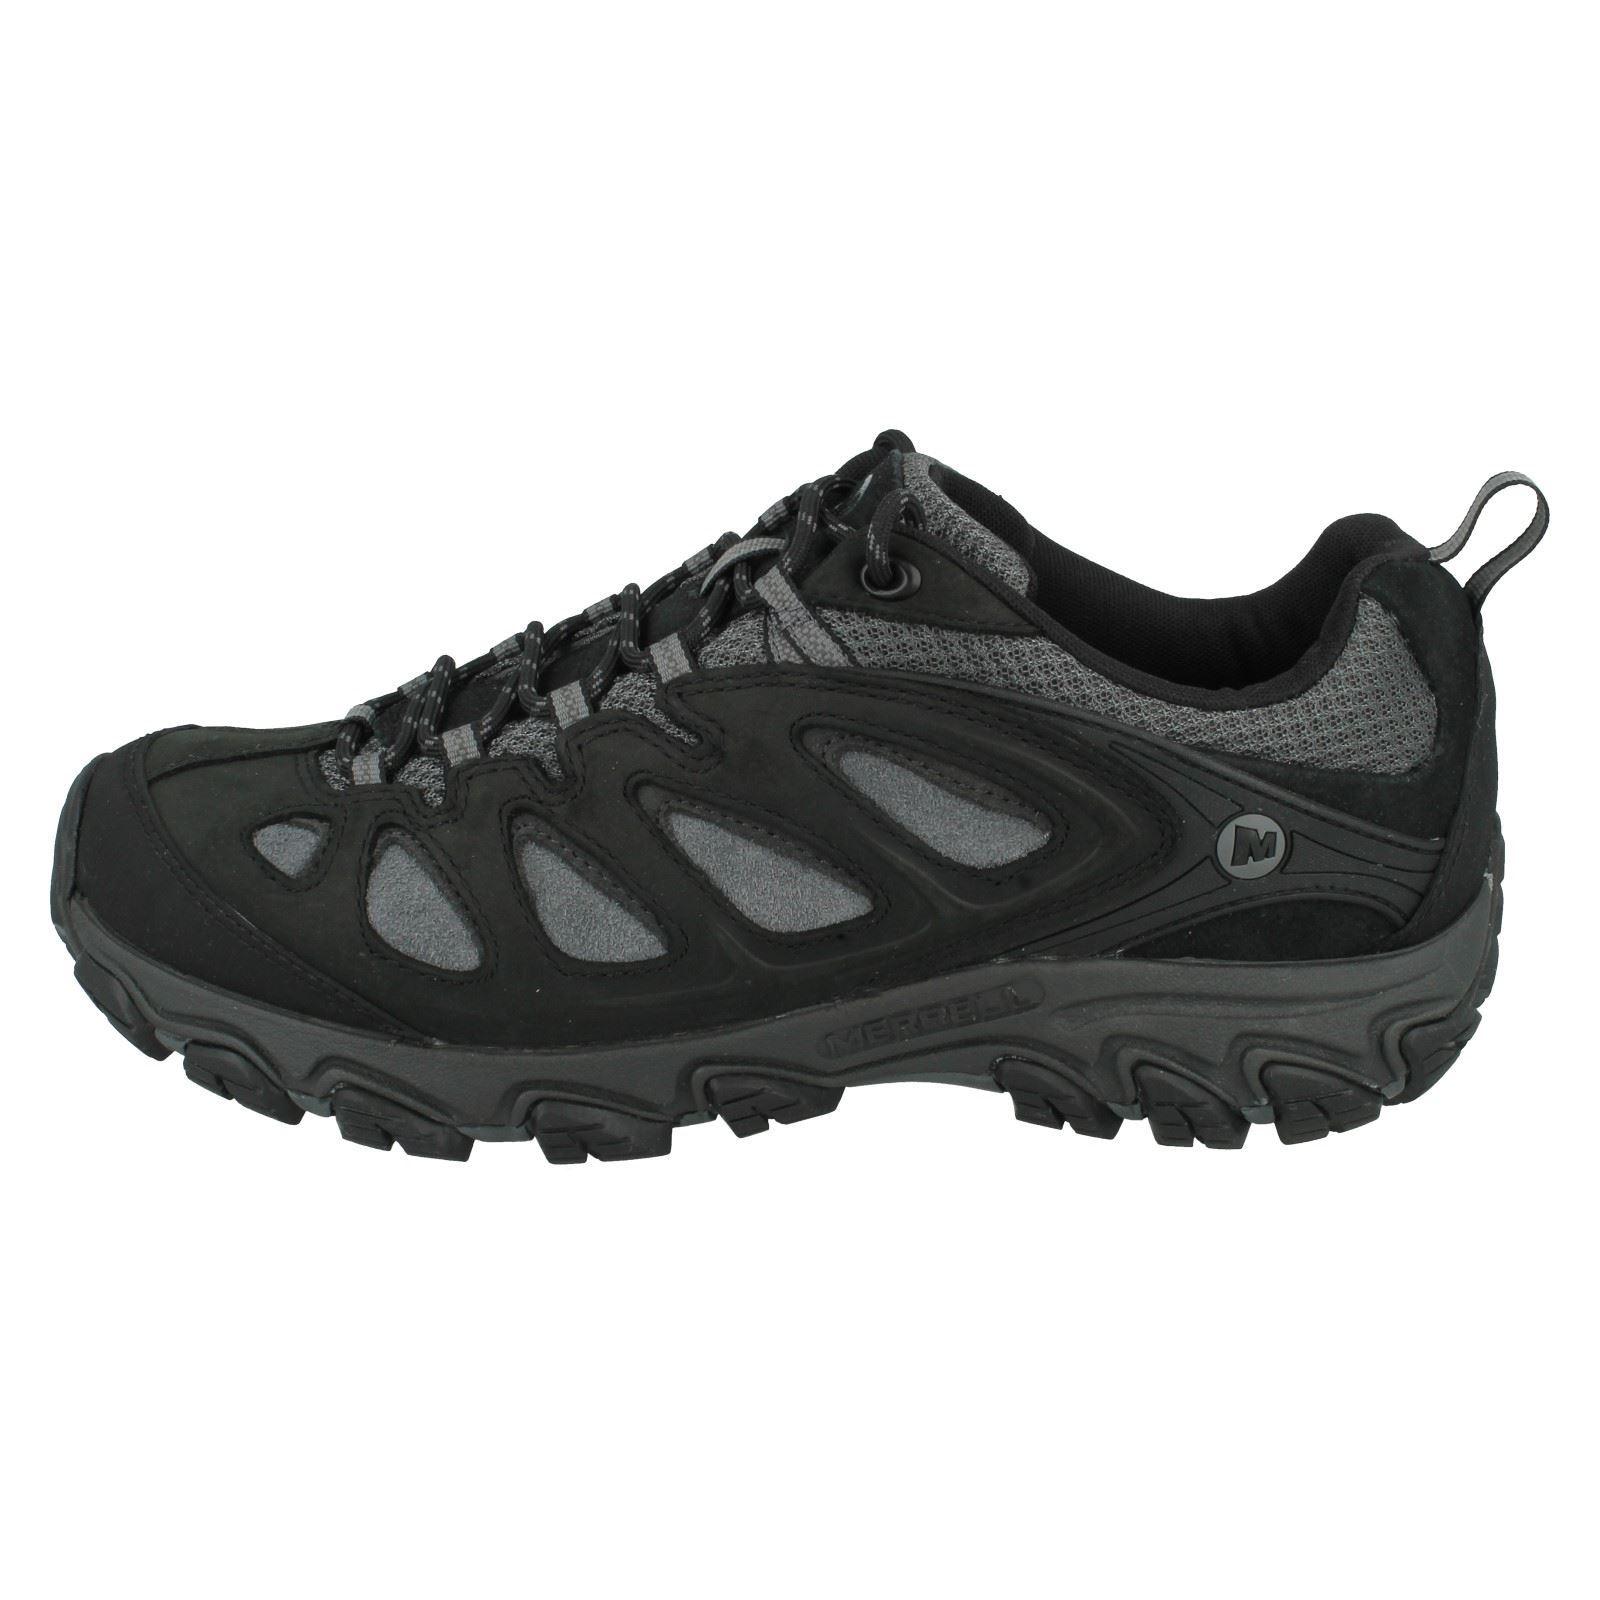 Casual scarpe Trainer Trainer Trainer da uomo Merrell  Pulsate  f5143f